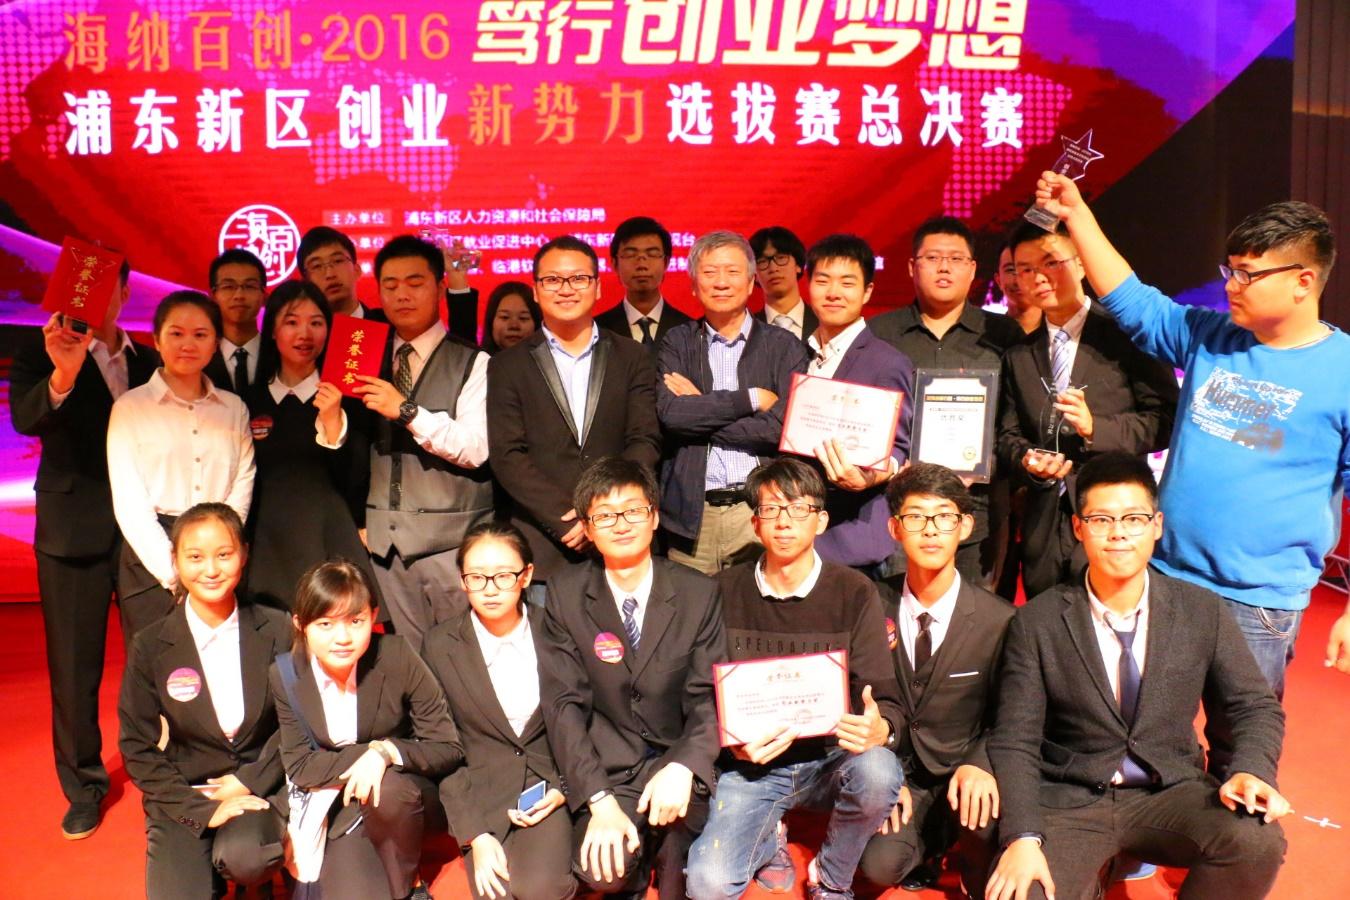 千赢国际平台登录